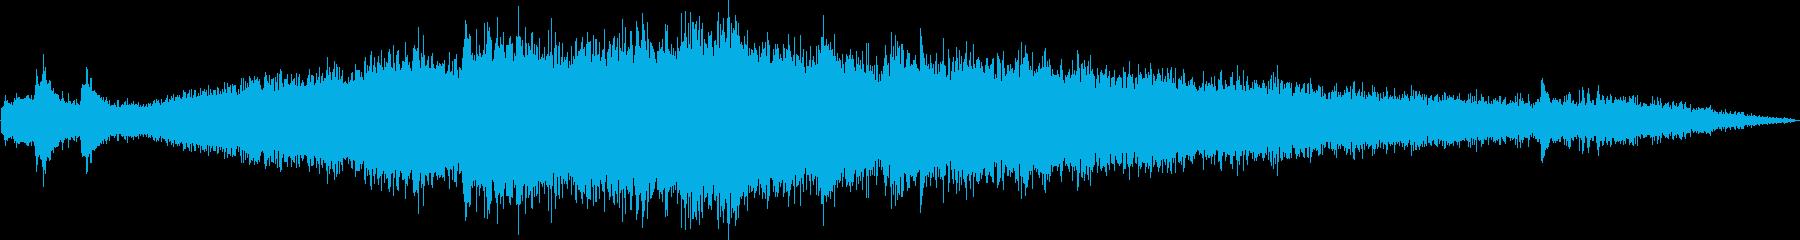 モノレール発車(車外で録音)の再生済みの波形